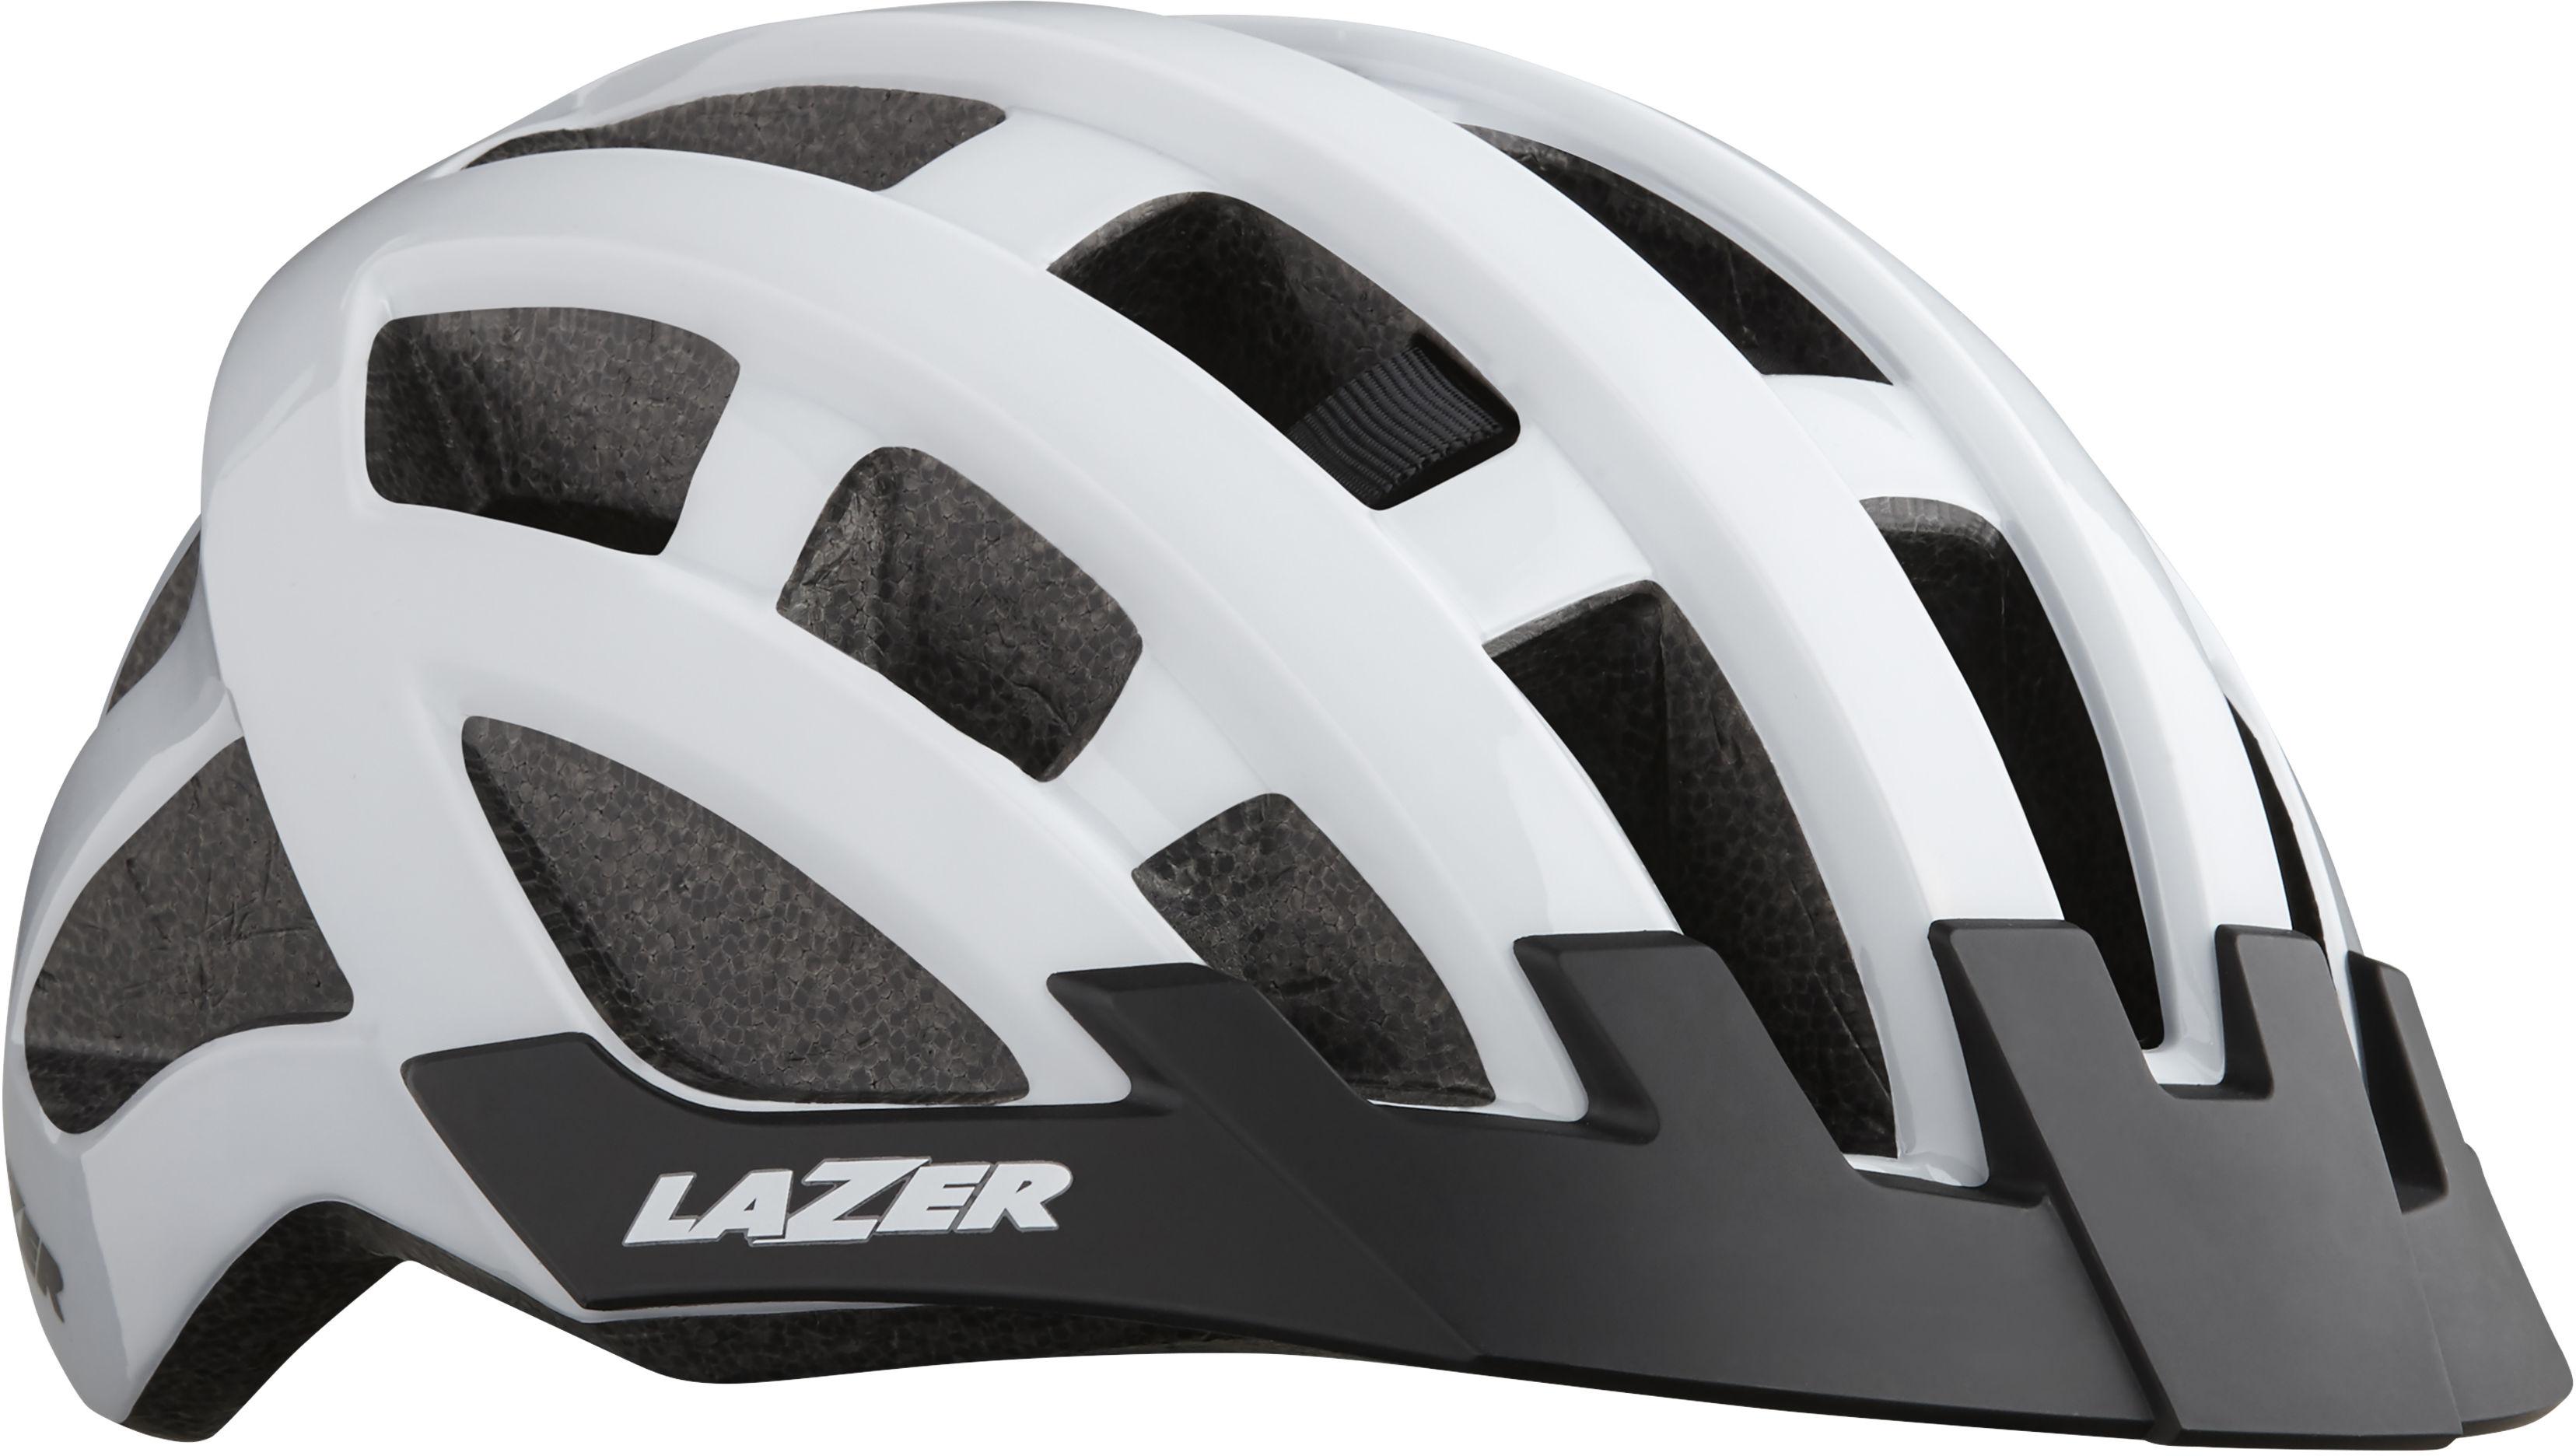 LAZER Compact kask rowerowy biały połysk Rozmiar: 54-61,5420078850027